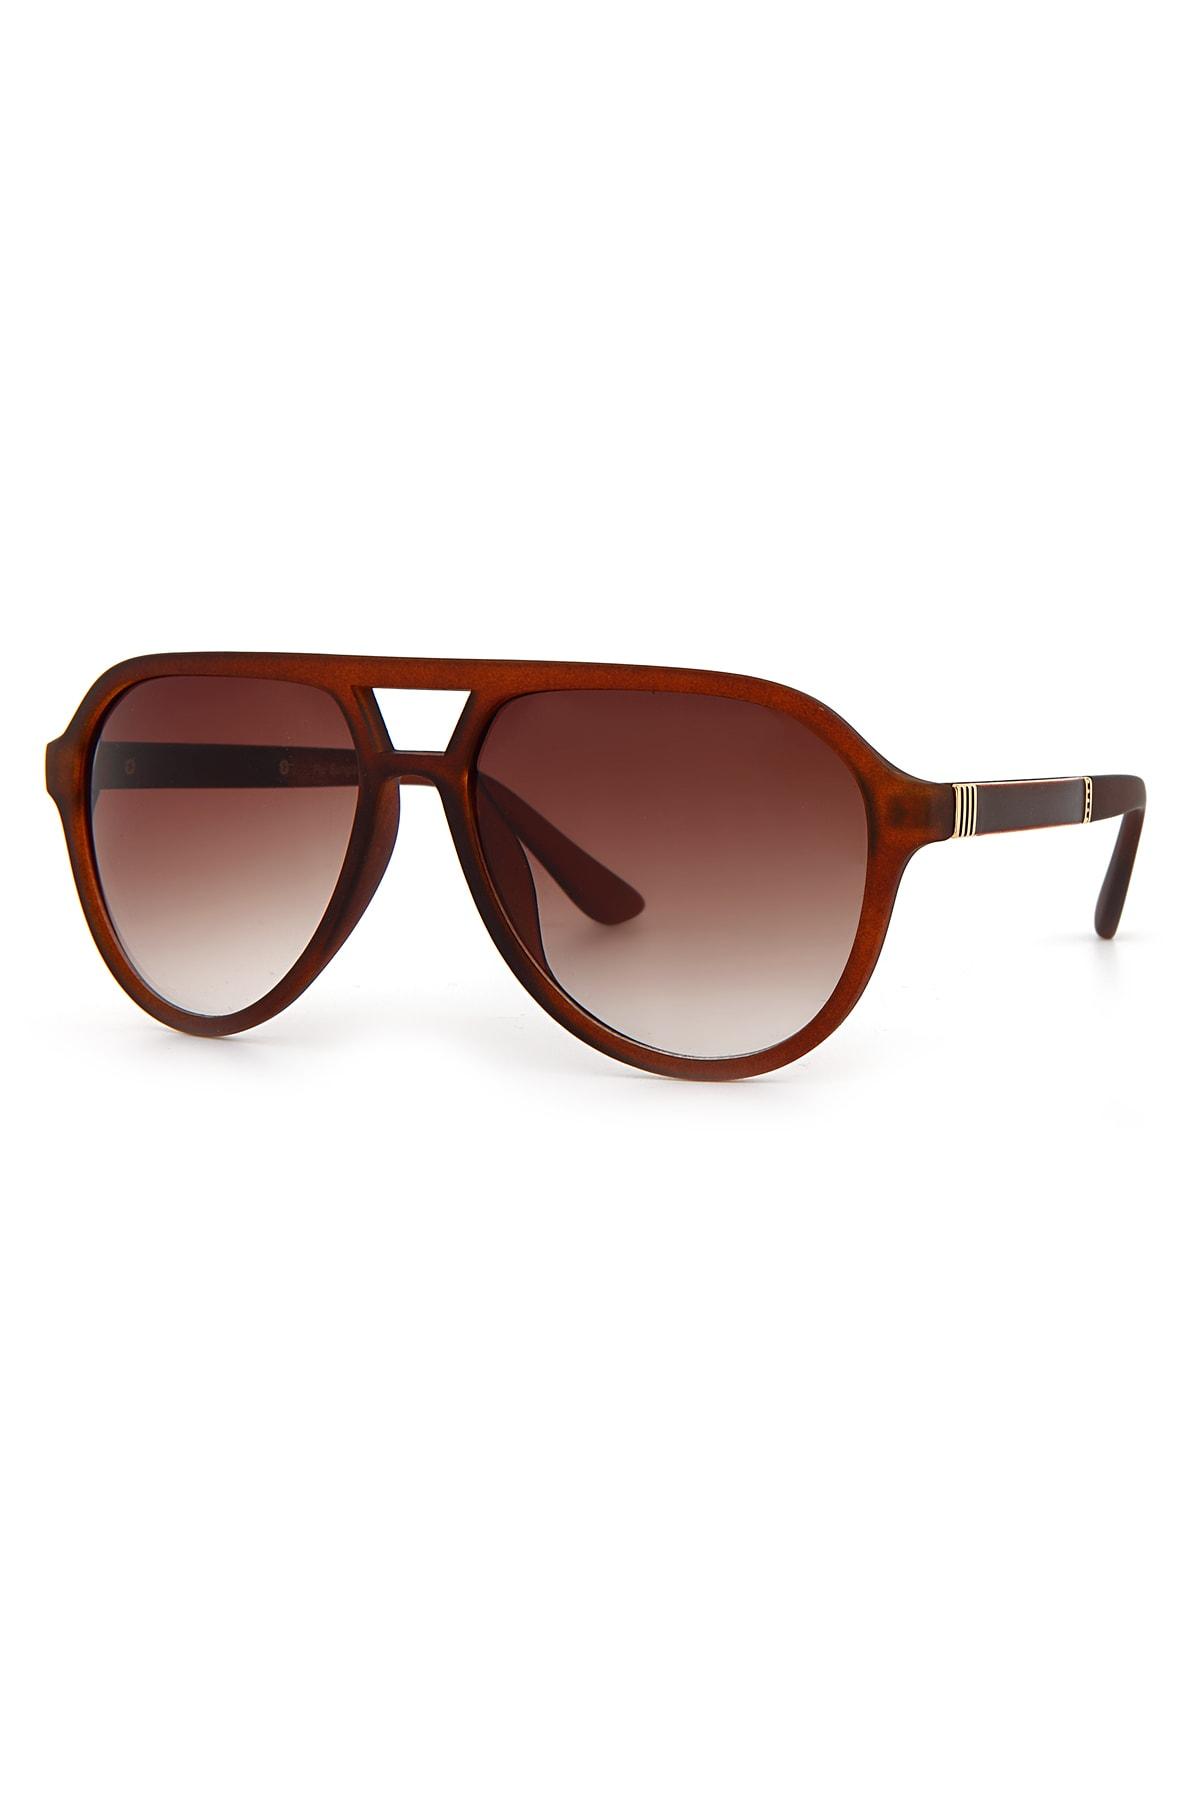 فروش عینک دودی مردانه حراجی برند Aqua Di Polo 1987 رنگ قهوه ای کد ty92800734